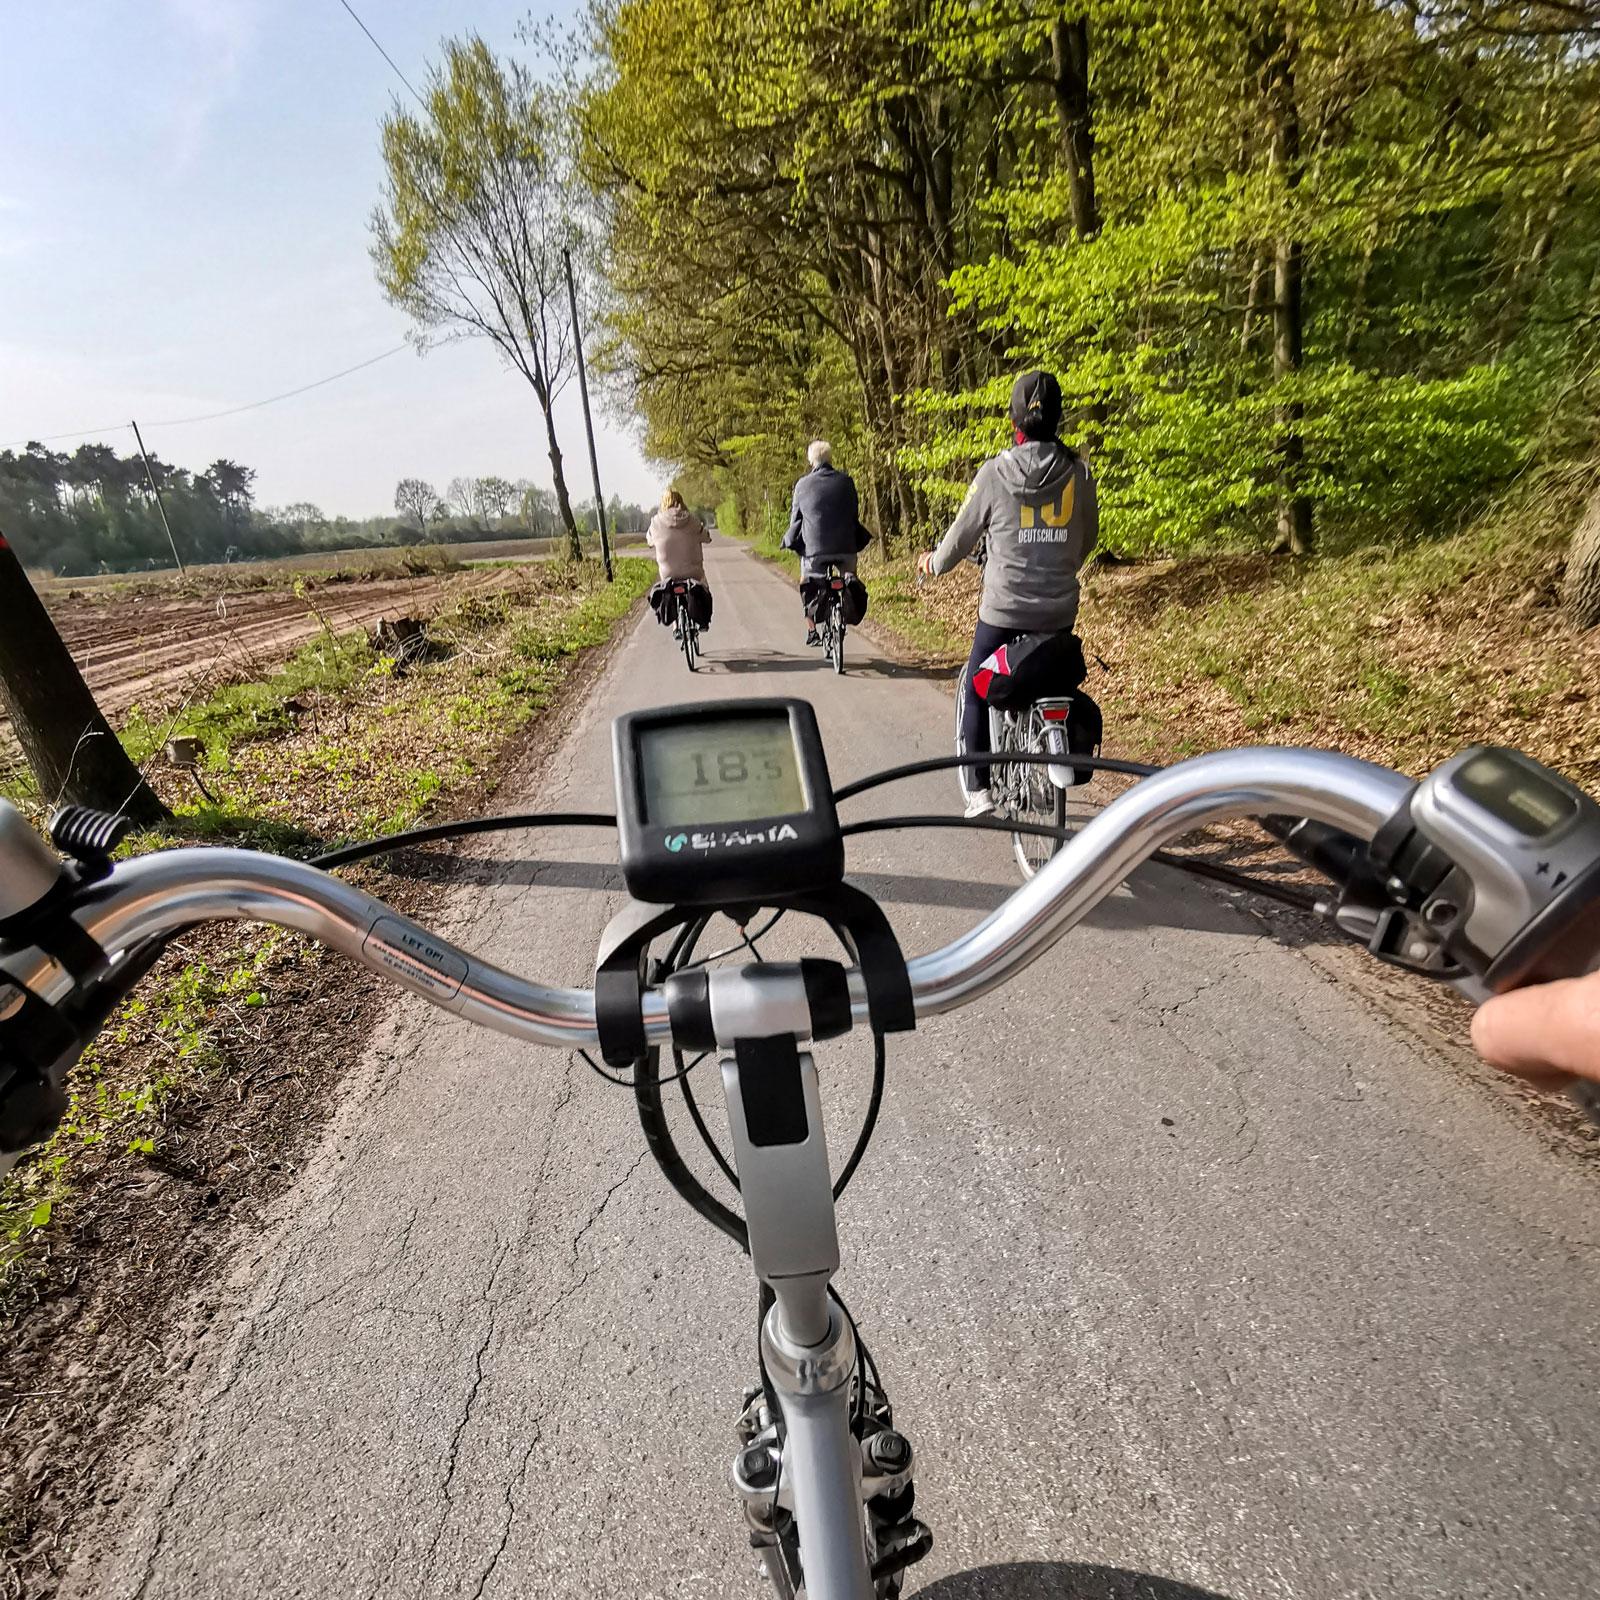 Cykeldatorn visar hastighet, tid och avstånd.